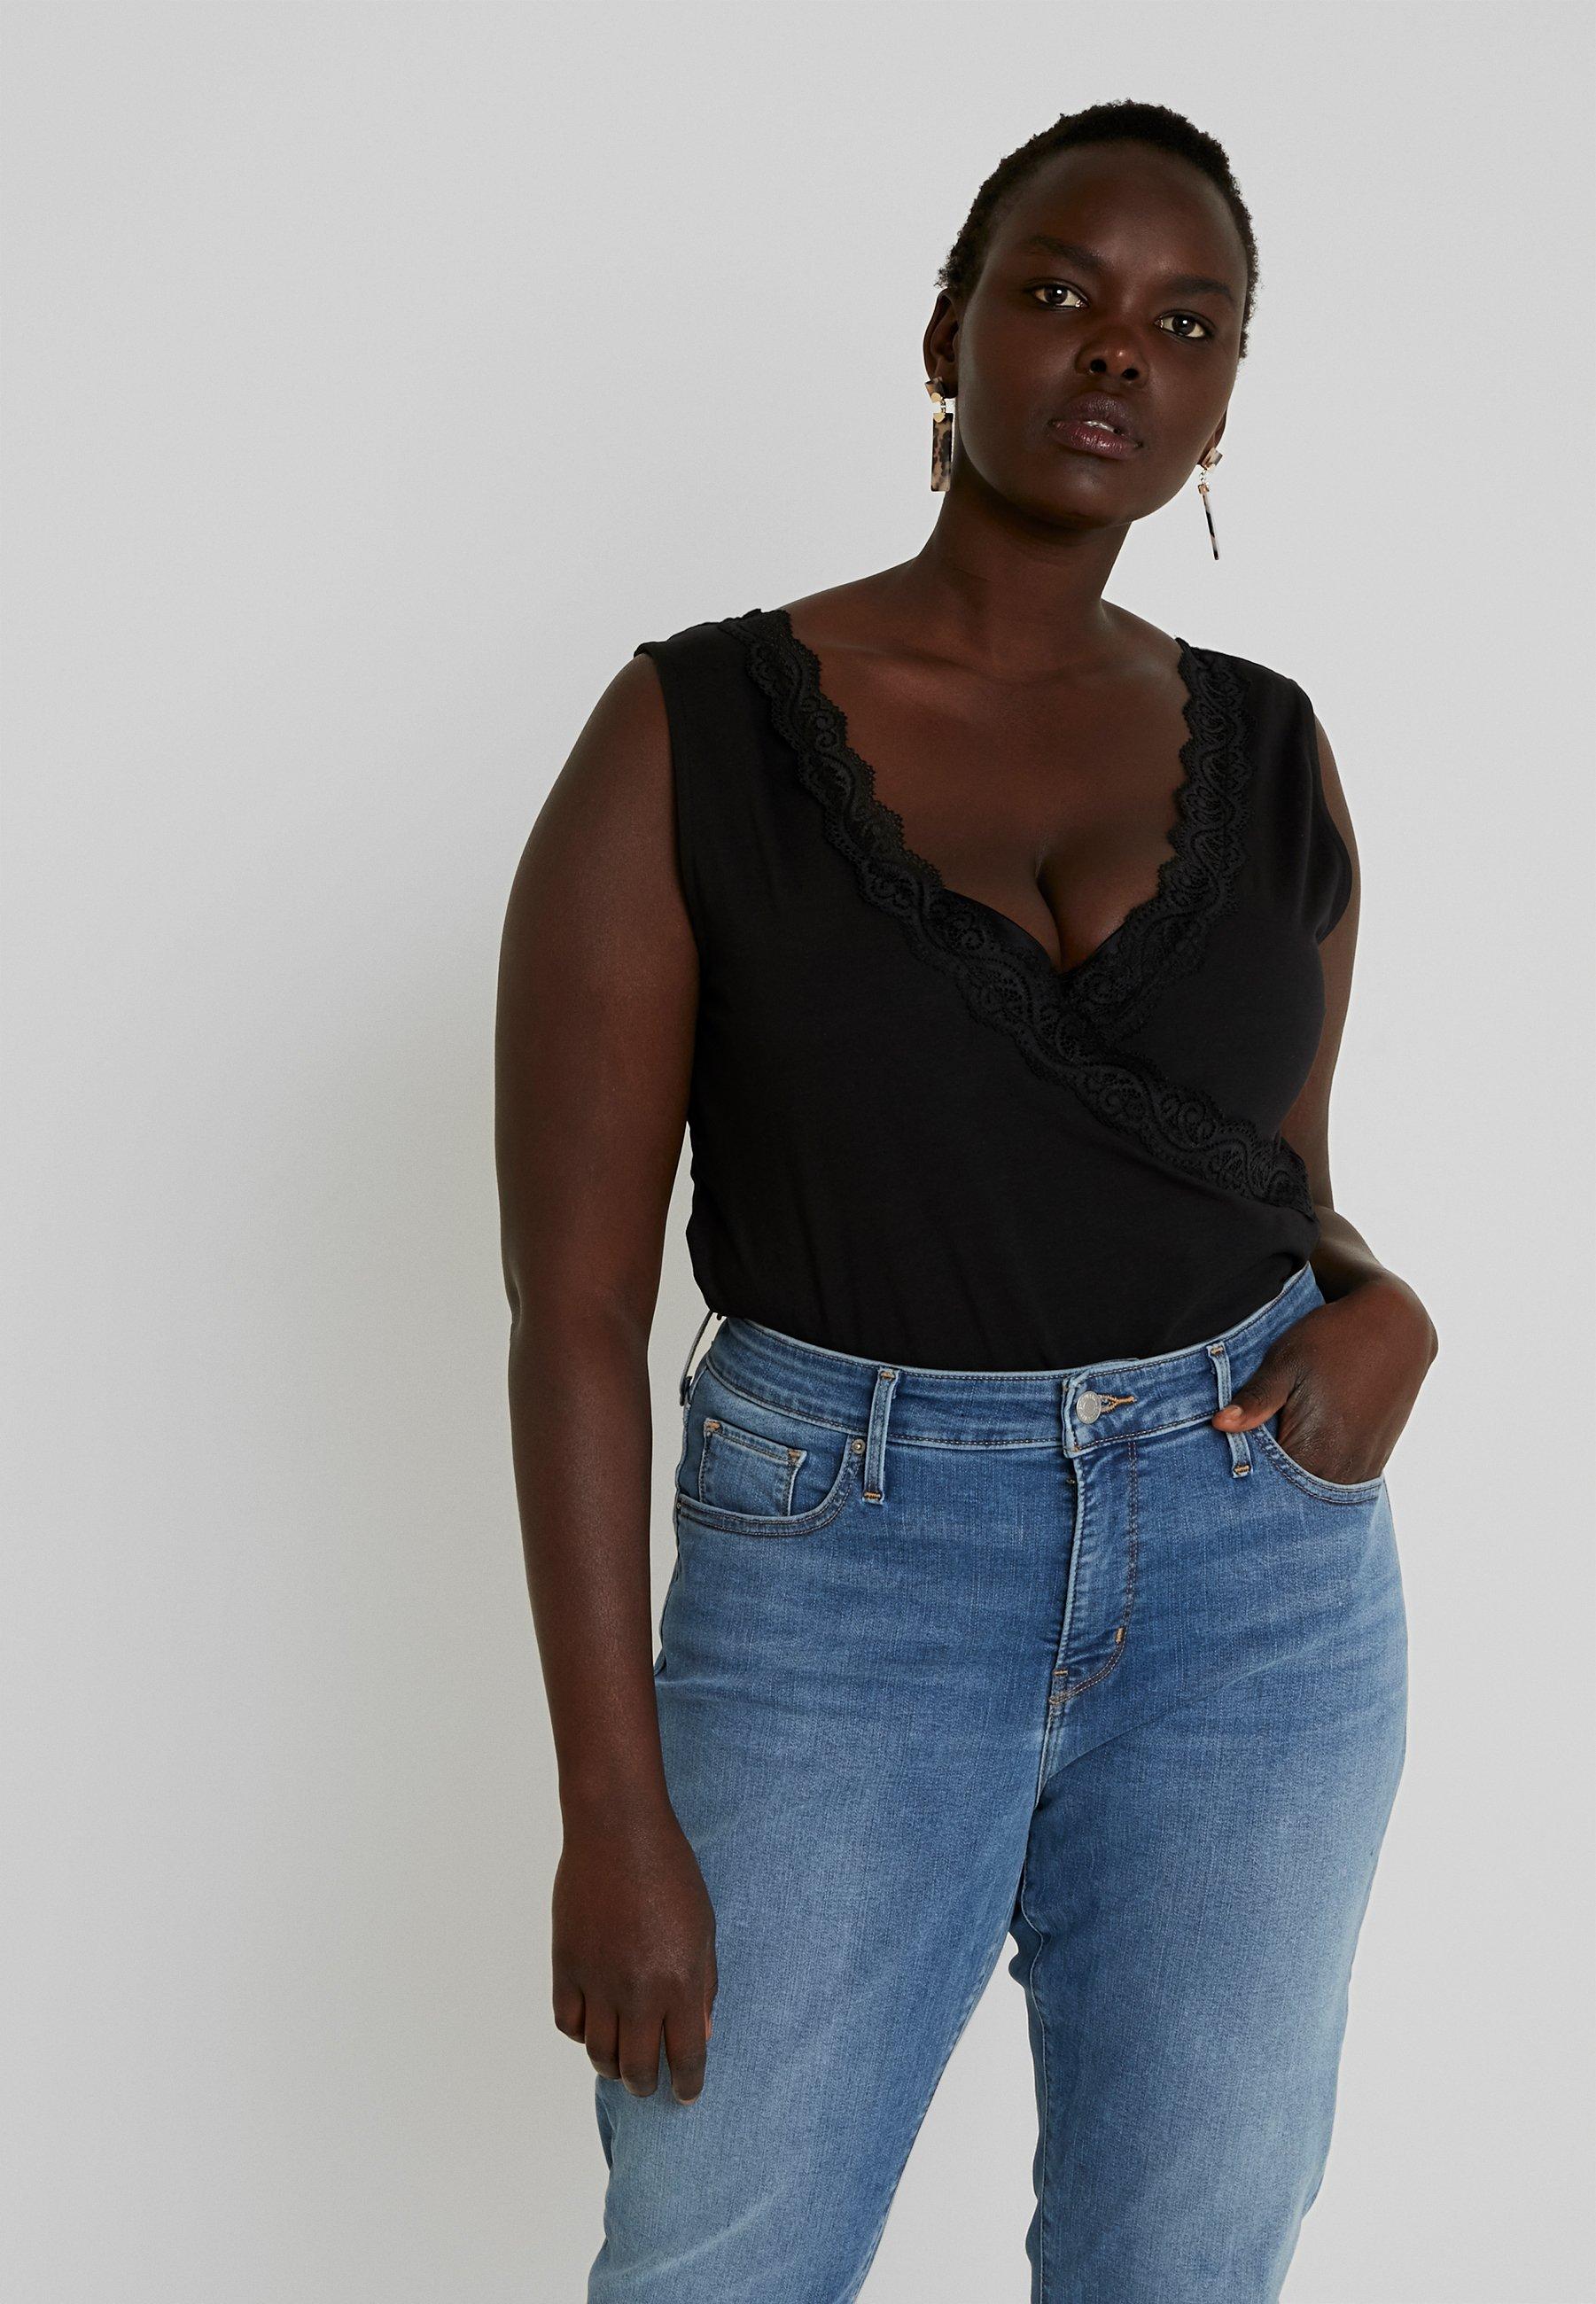 amp;odd Curvy Even black T shirt ImpriméBlack xsrdCBhotQ